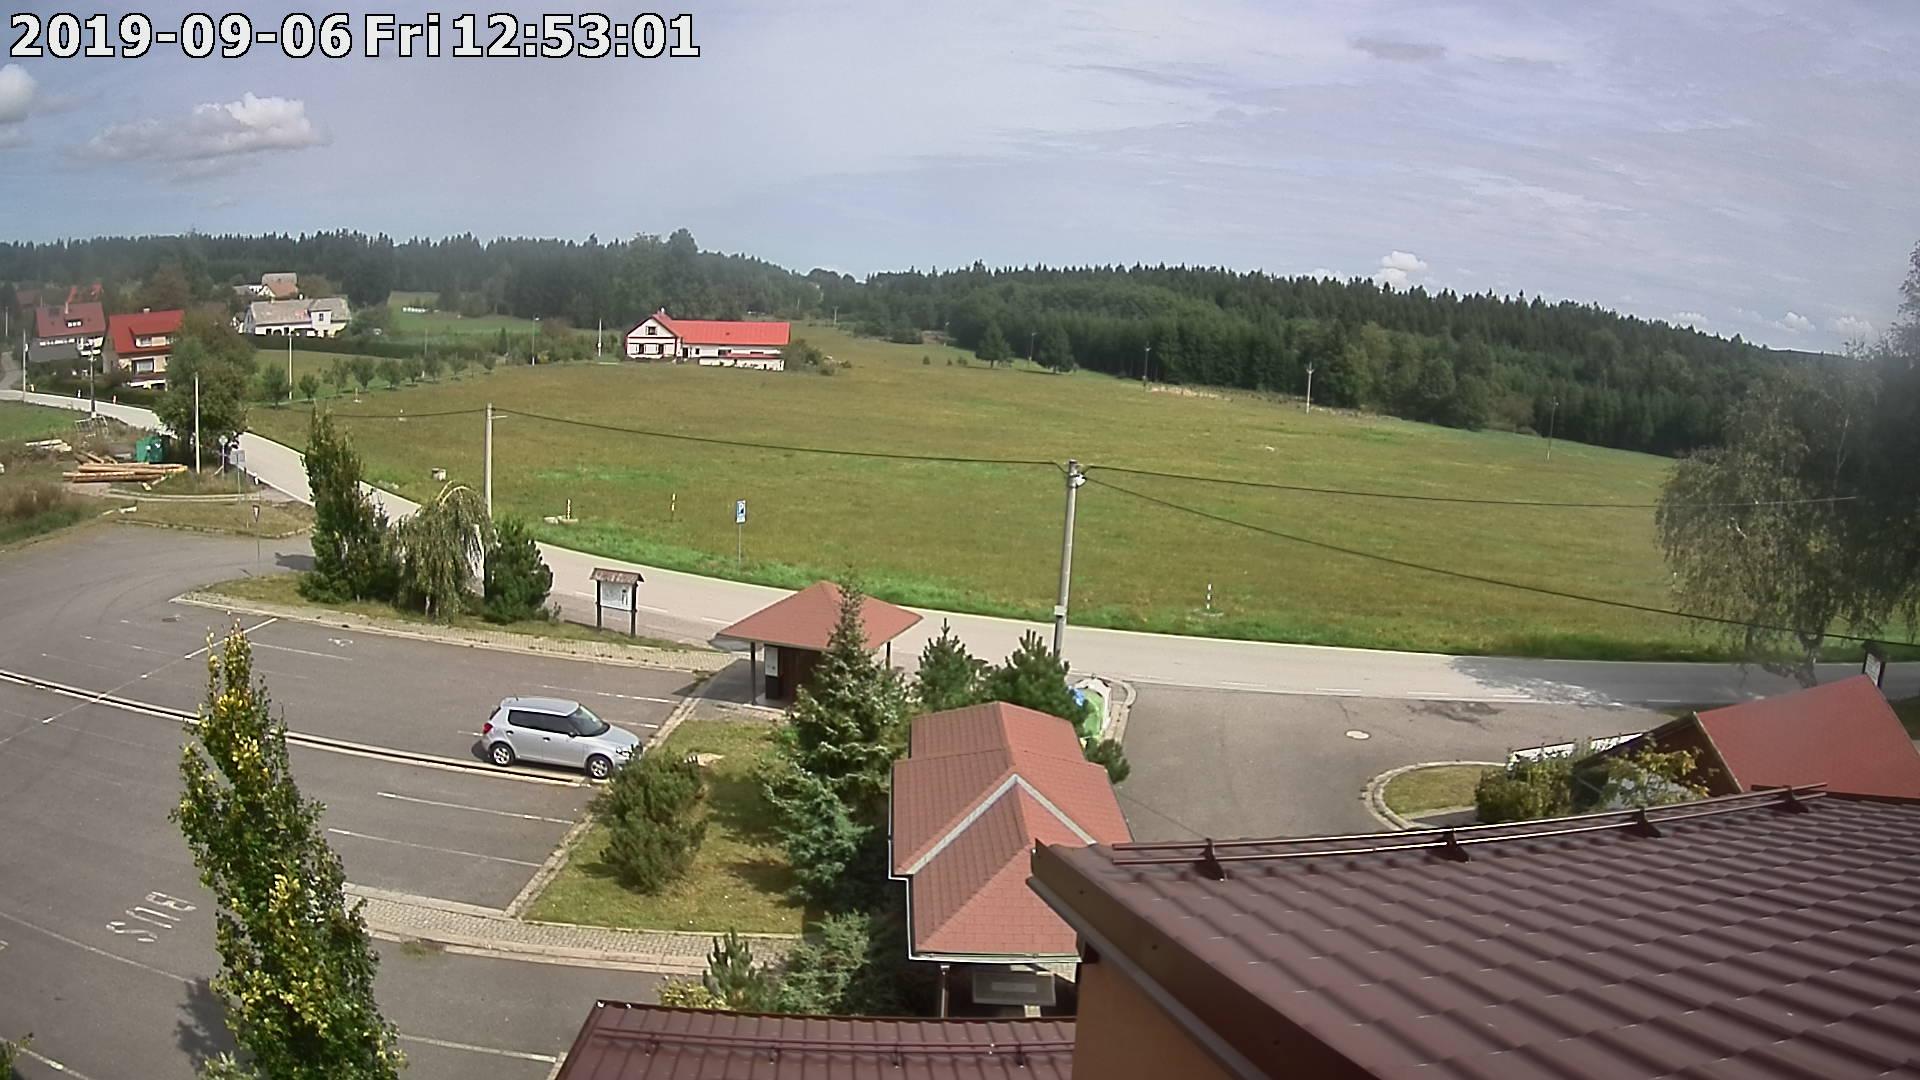 Webkamera ze dne 2019-09-06